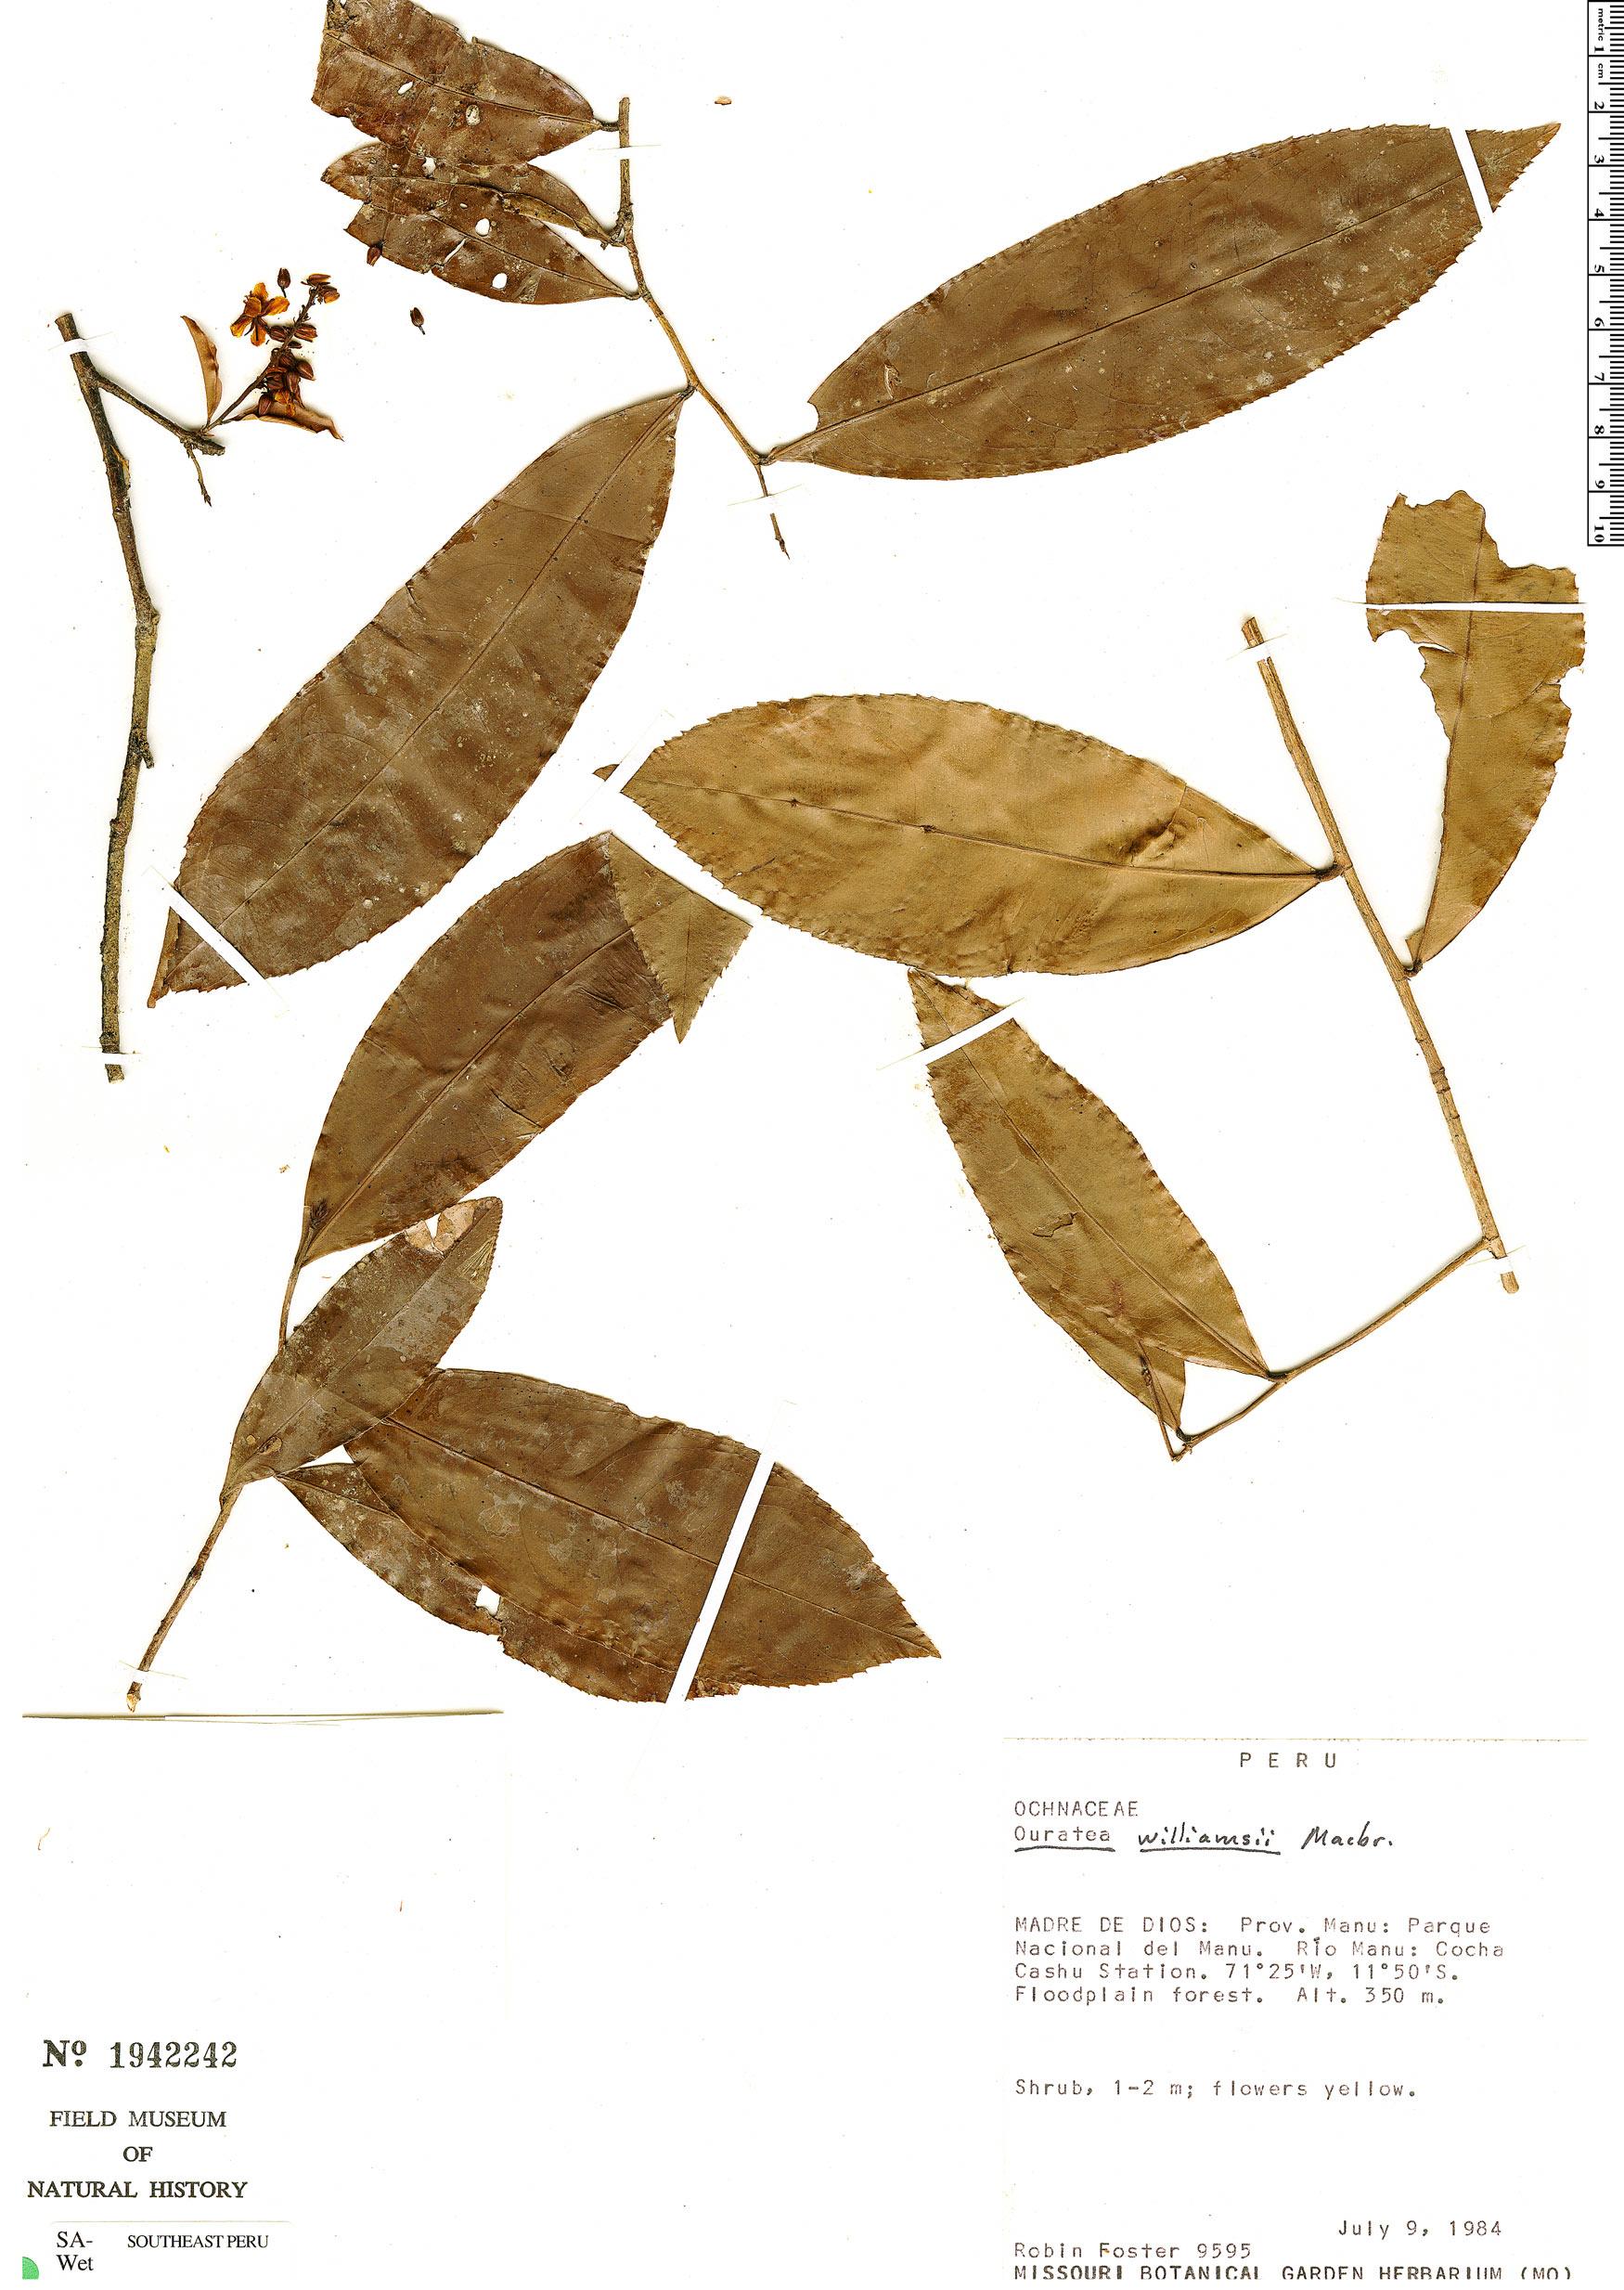 Specimen: Ouratea williamsii